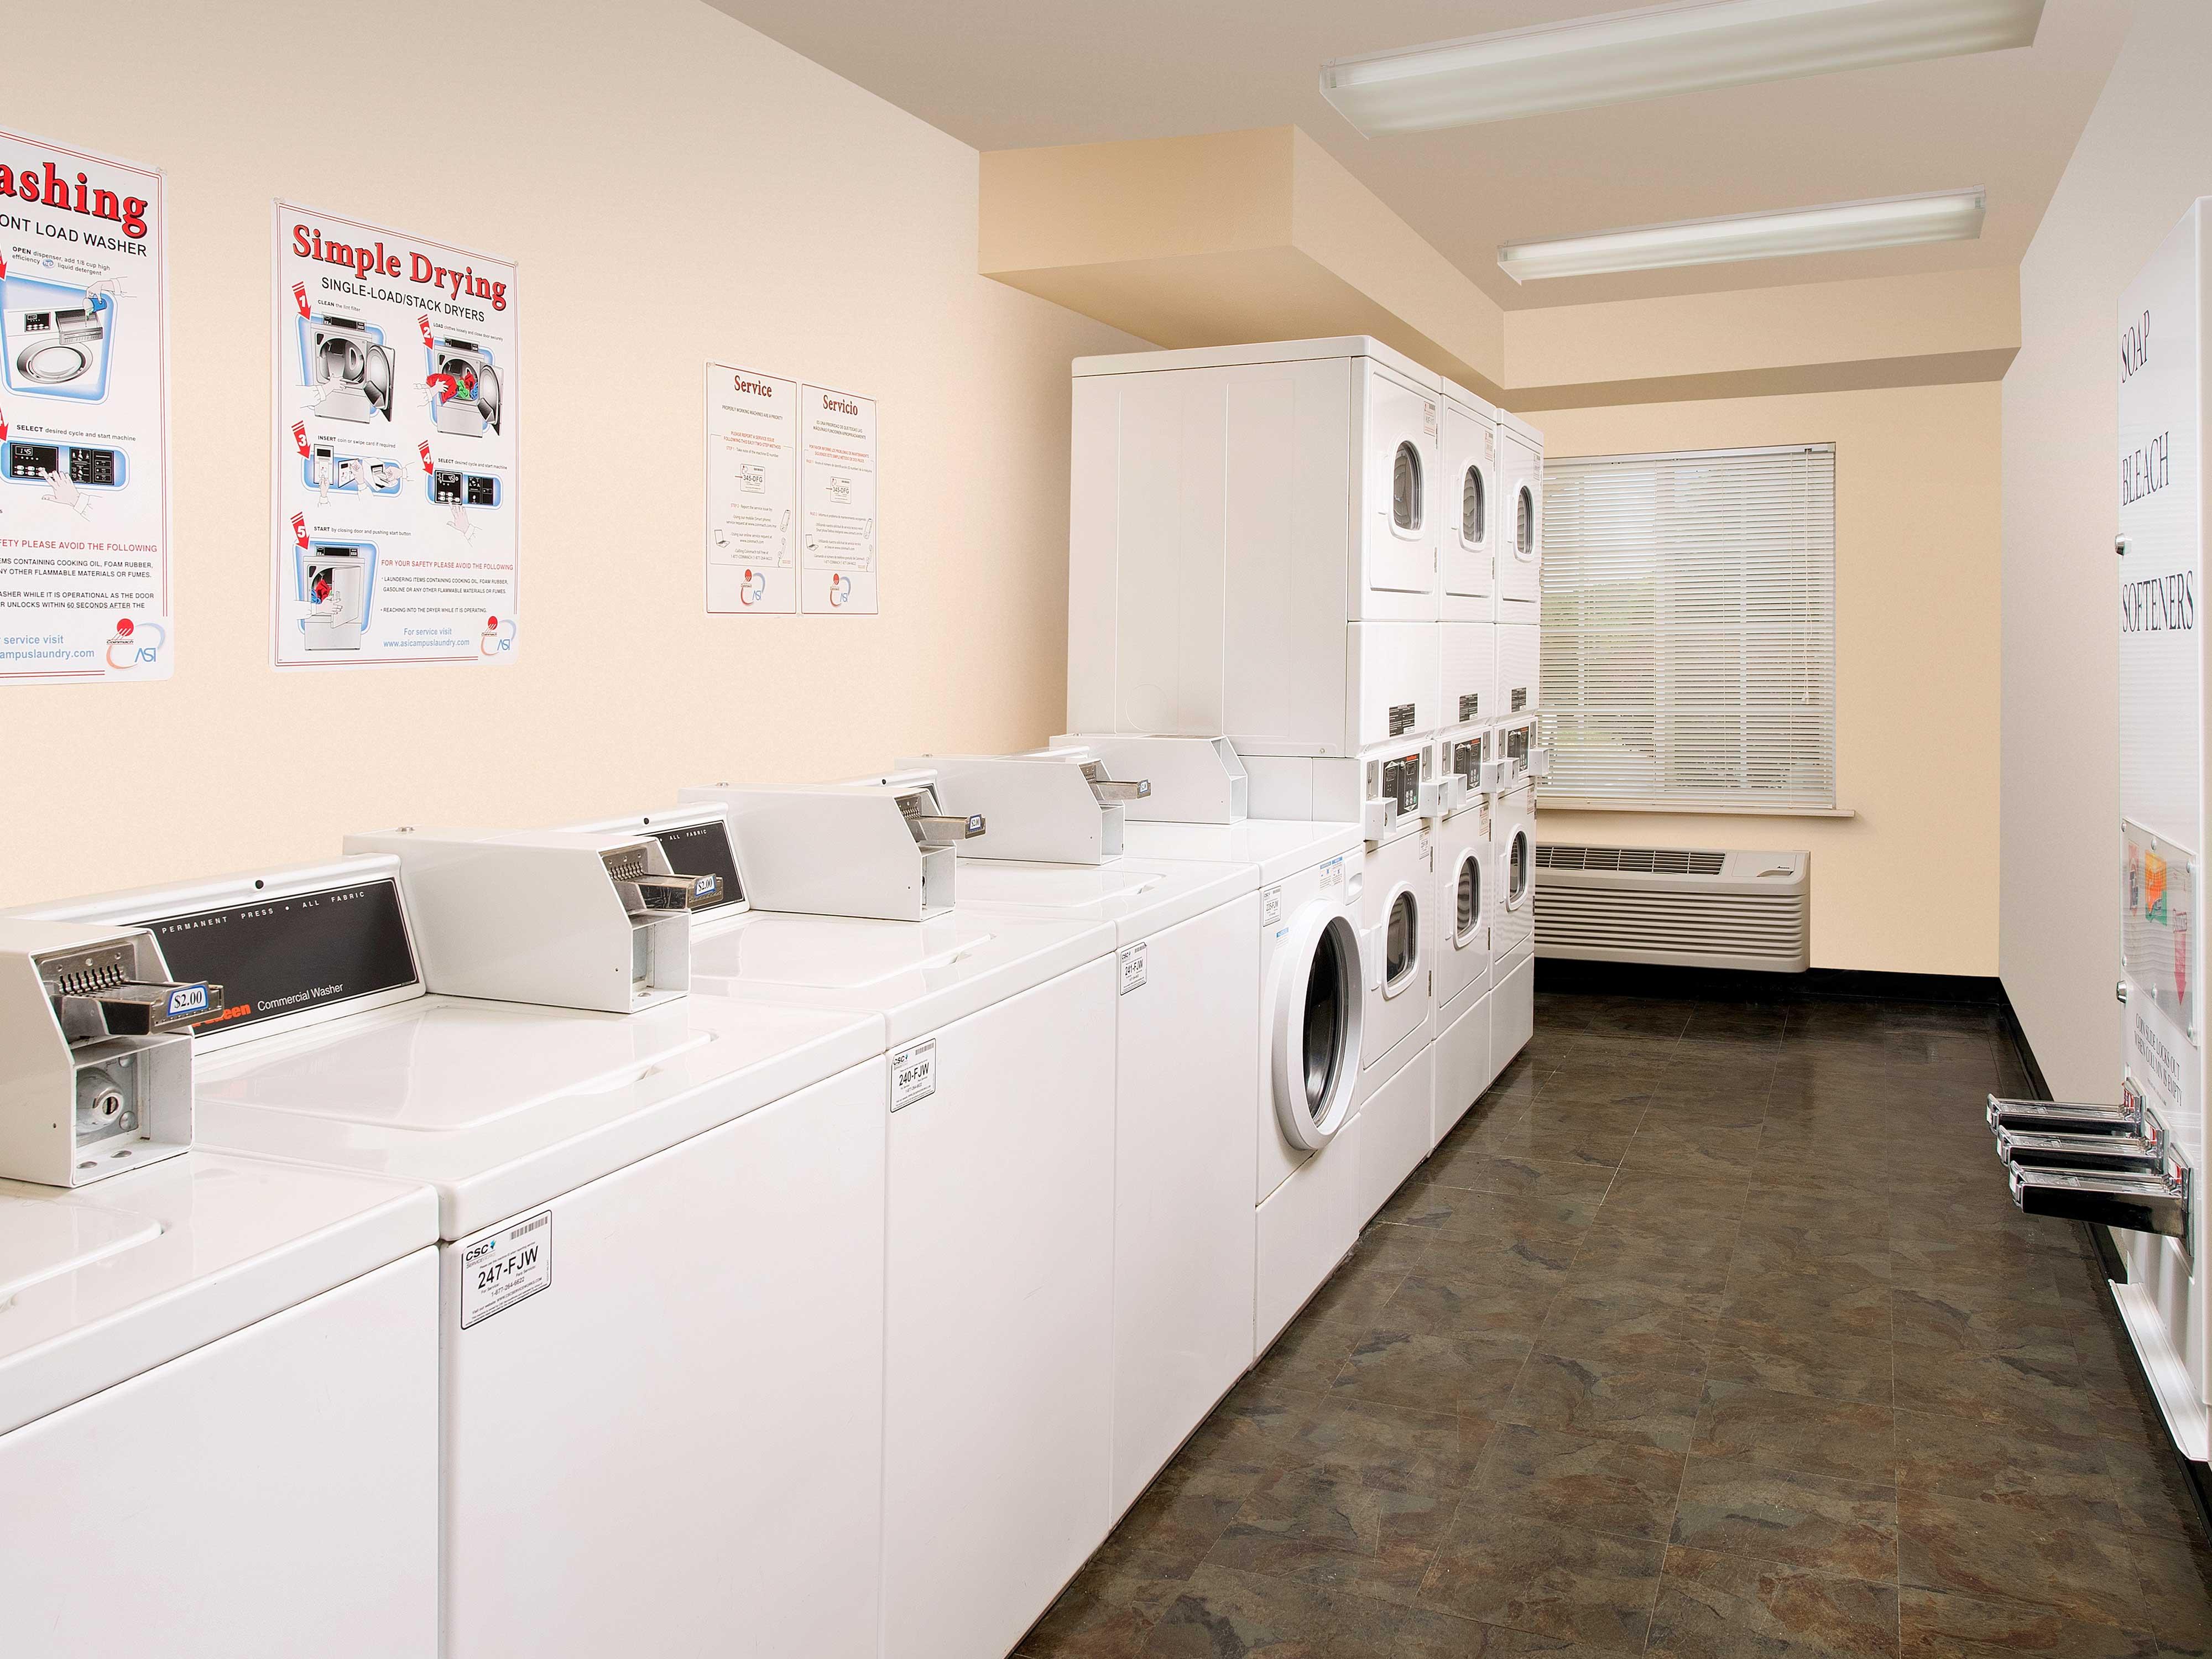 WoodSpring Suites Kansas City Lenexa image 19